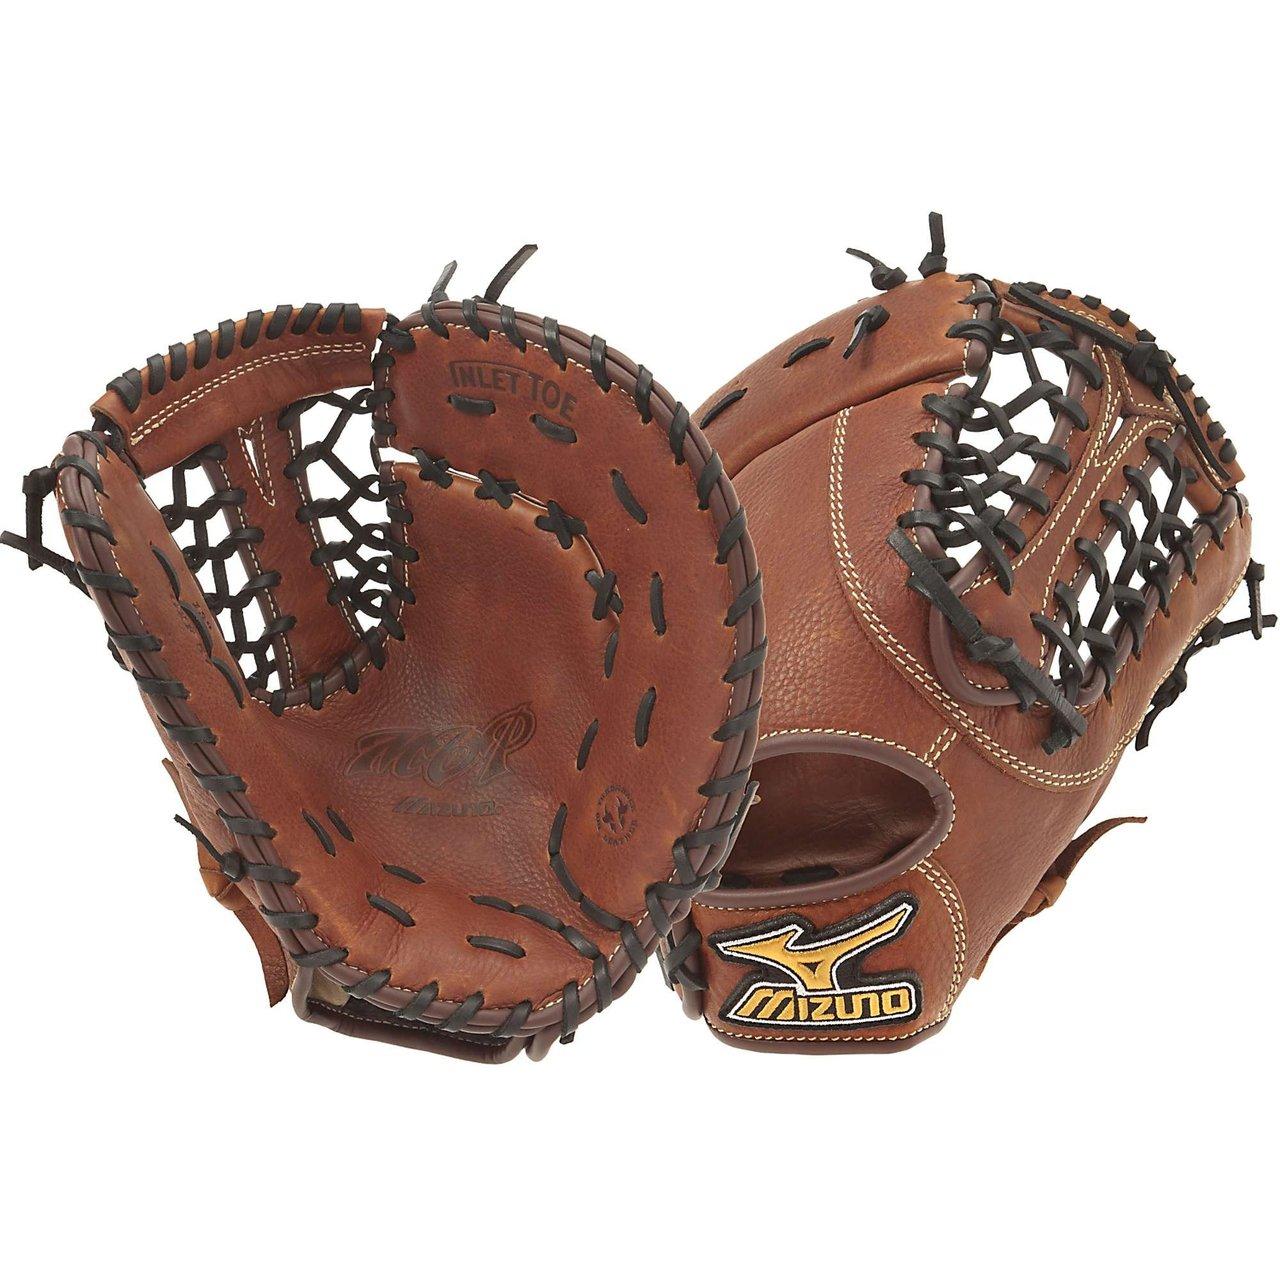 mizuno-gxf57-mvp-baseball-first-base-mitt-copper-13-00-inch-right-handed-throw GXF57-Right Handed Throw Mizuno 041969371725 The Mizuno GXF57 is a 13.00-Inch Pro sized first basemens mitt